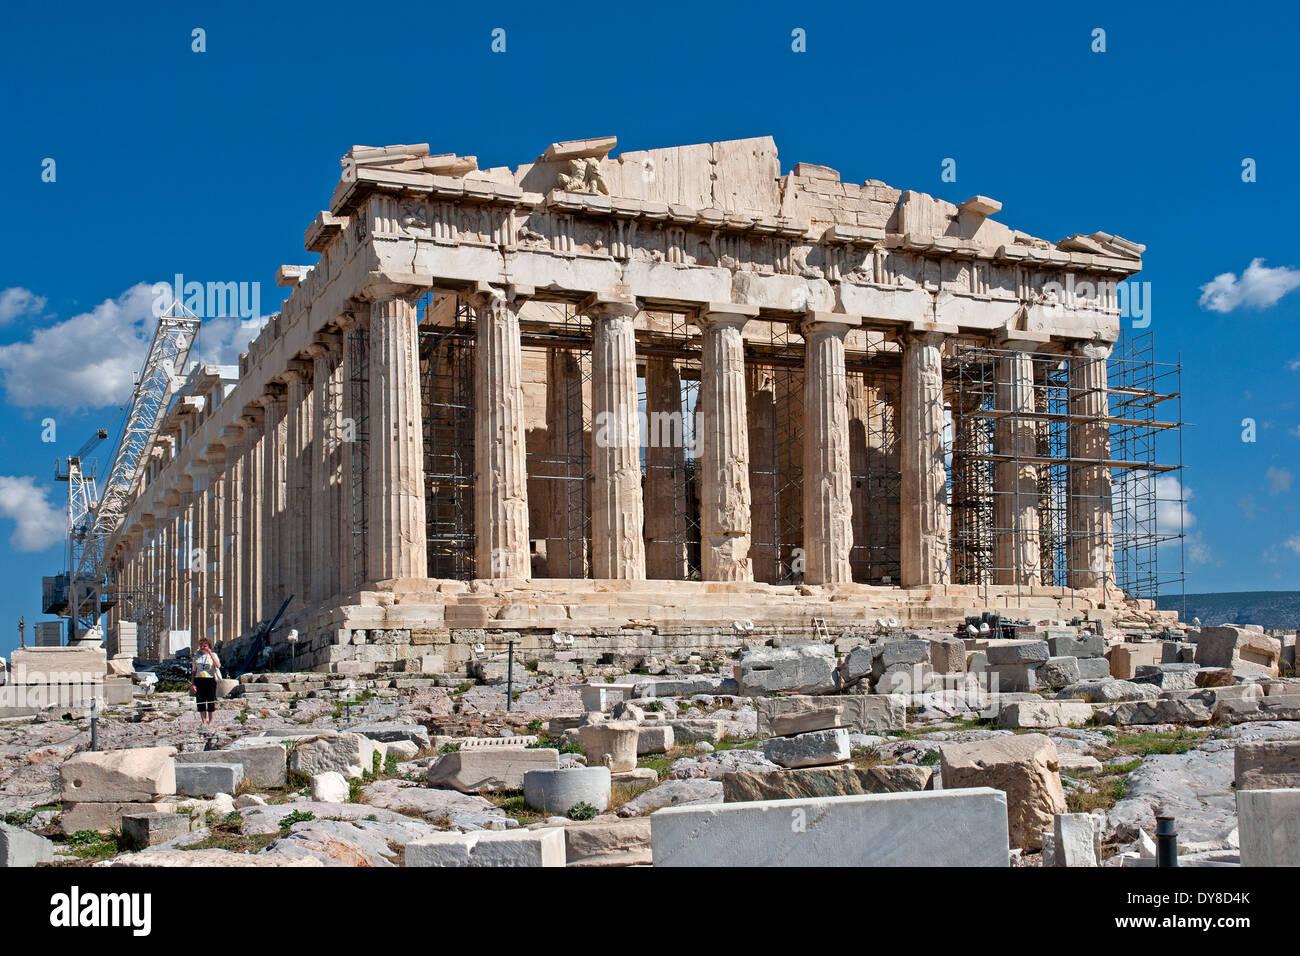 The Parthenon On Acropolis Athens Greece Undergoing Restoration